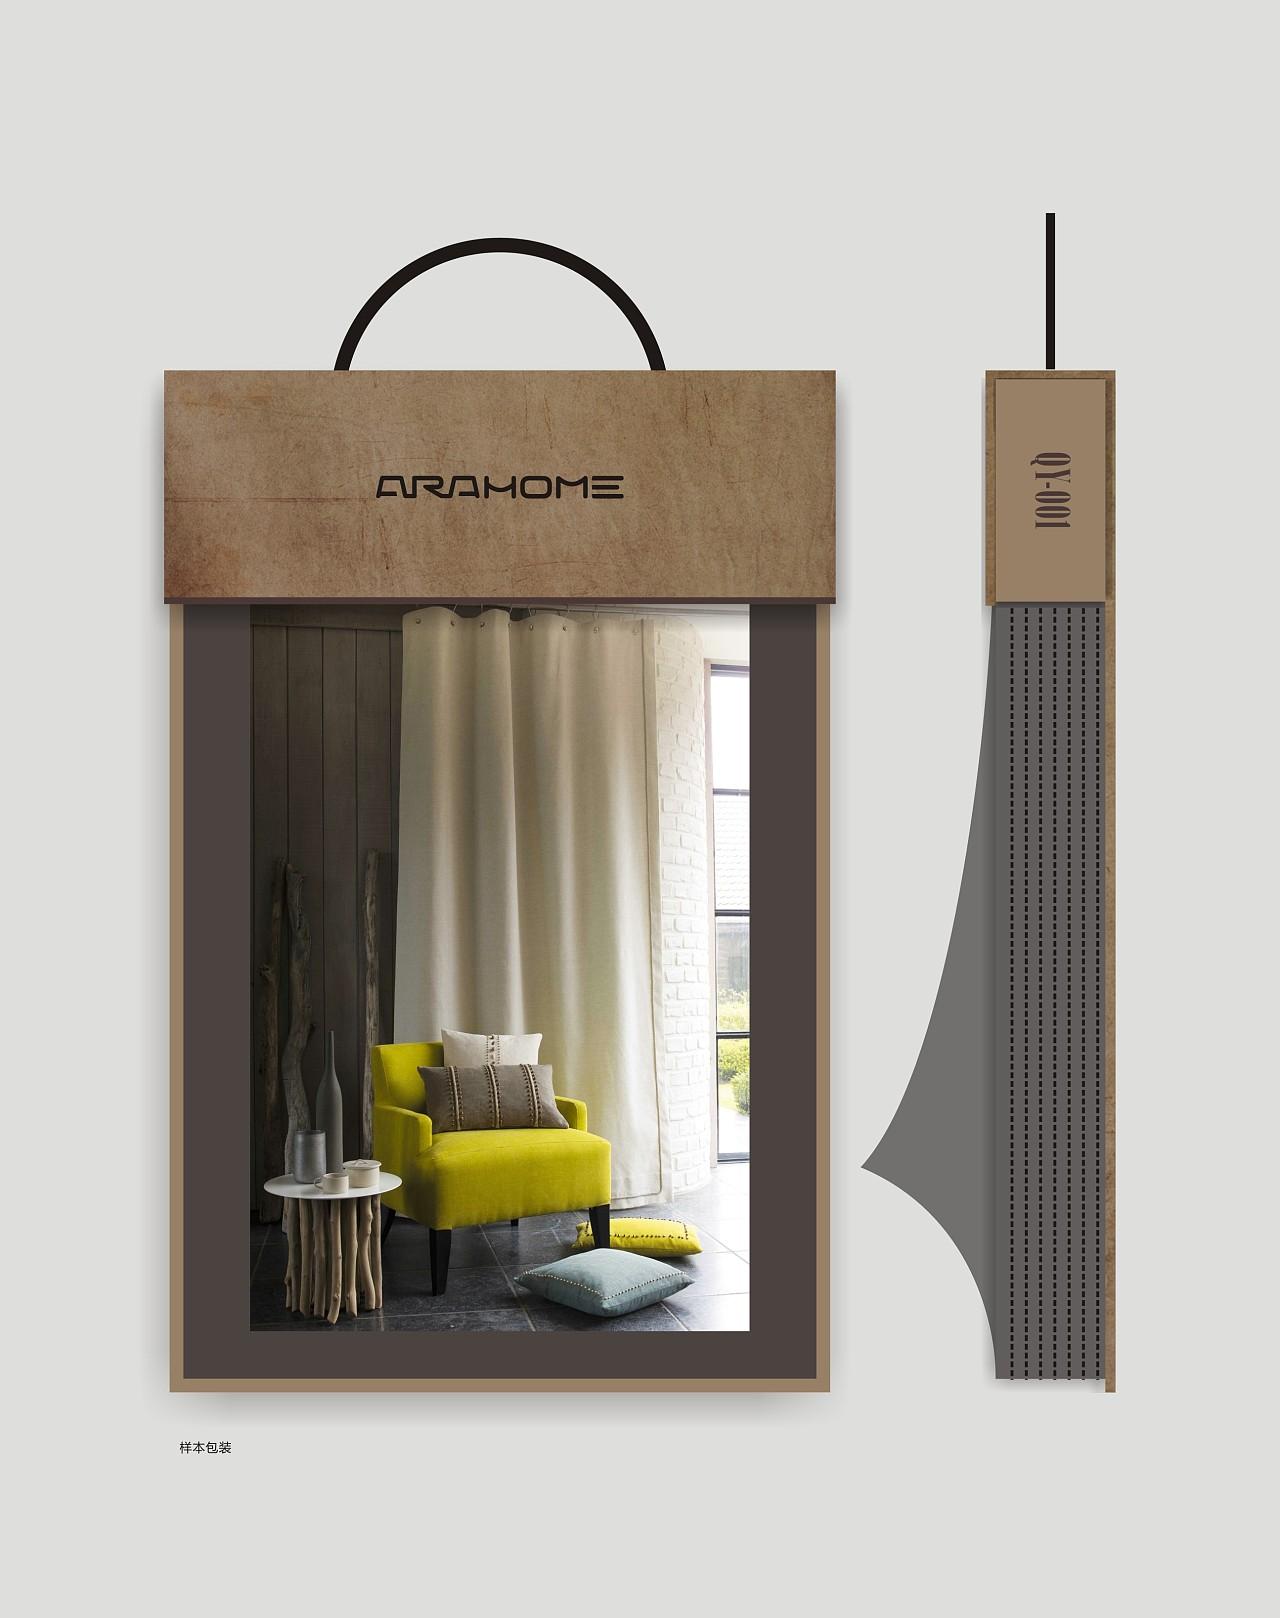 布艺样品包装设计,面料场景效果图制作.图片